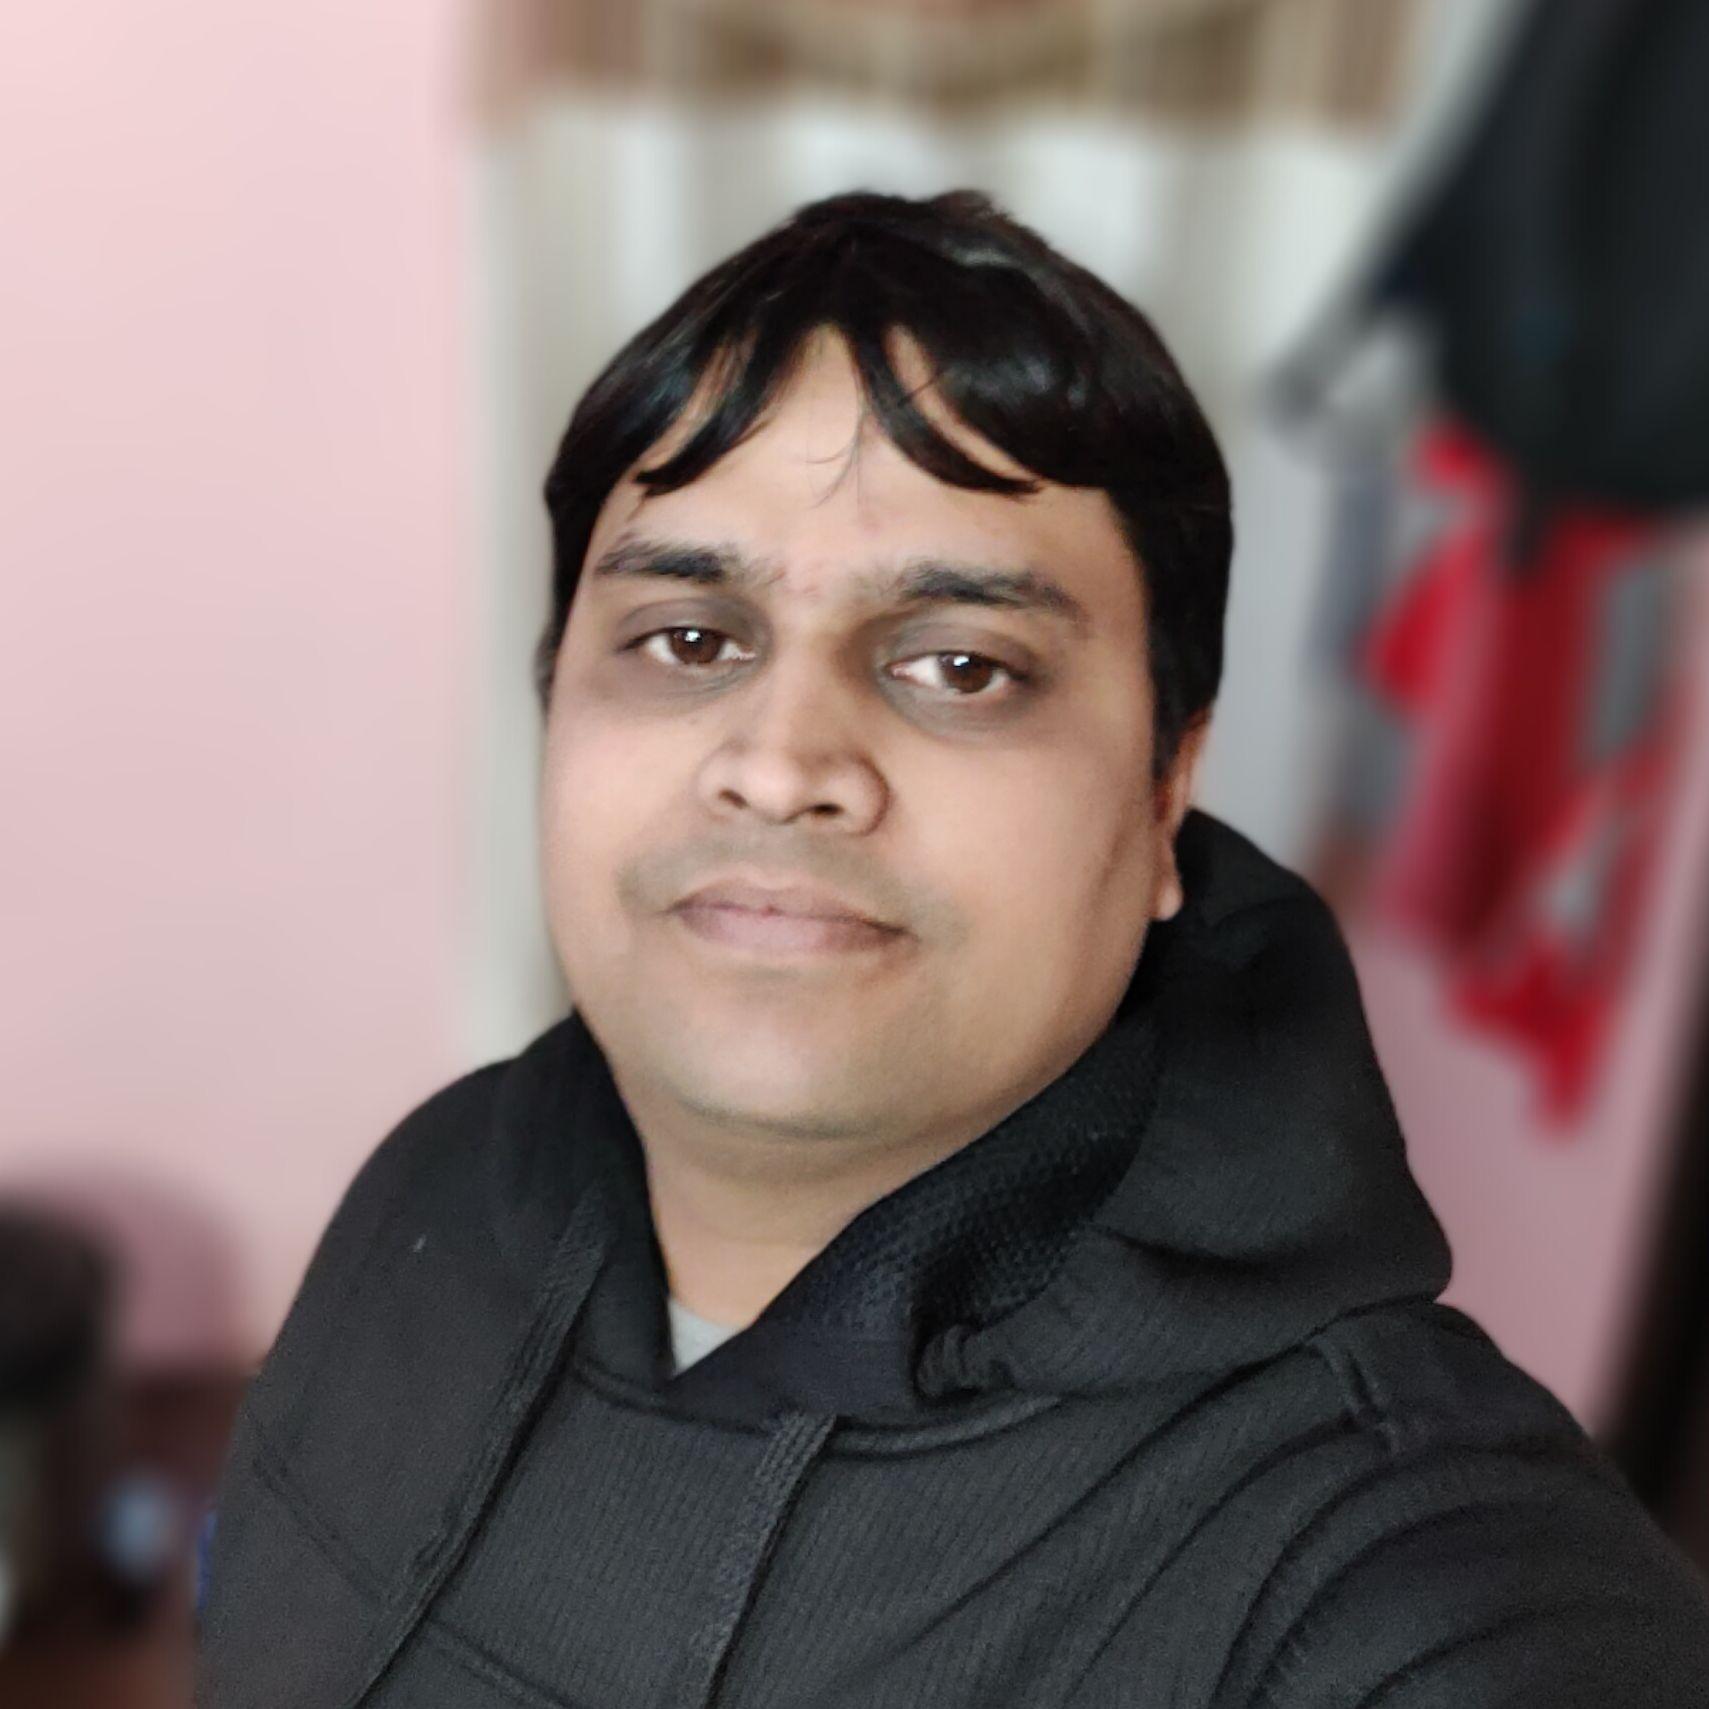 Rajesh Singla